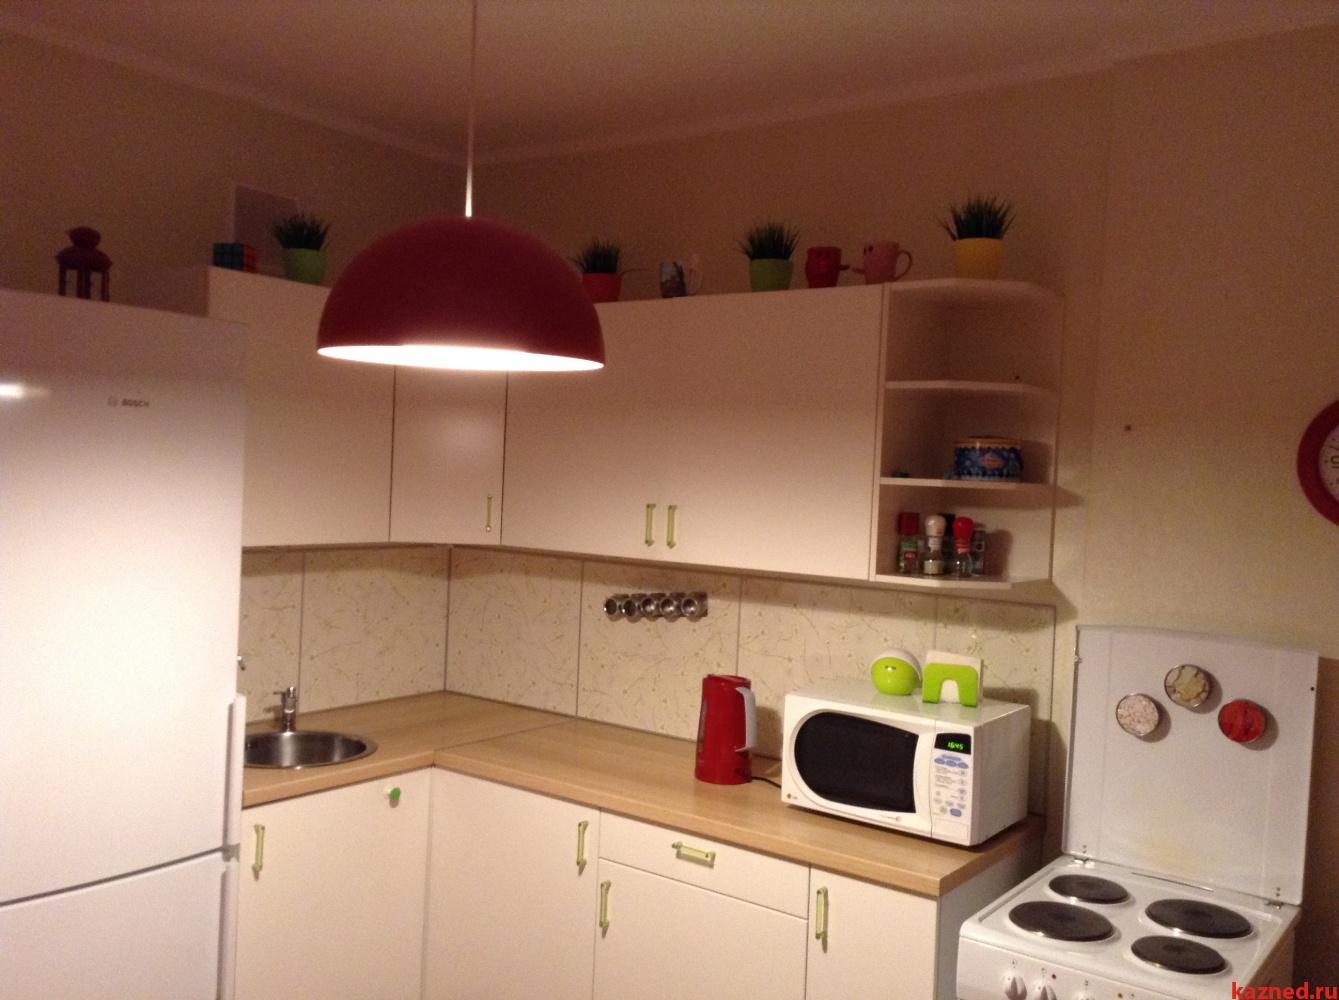 Продажа 1-к квартиры Дубравная,  д. 28, 45 м²  (миниатюра №3)